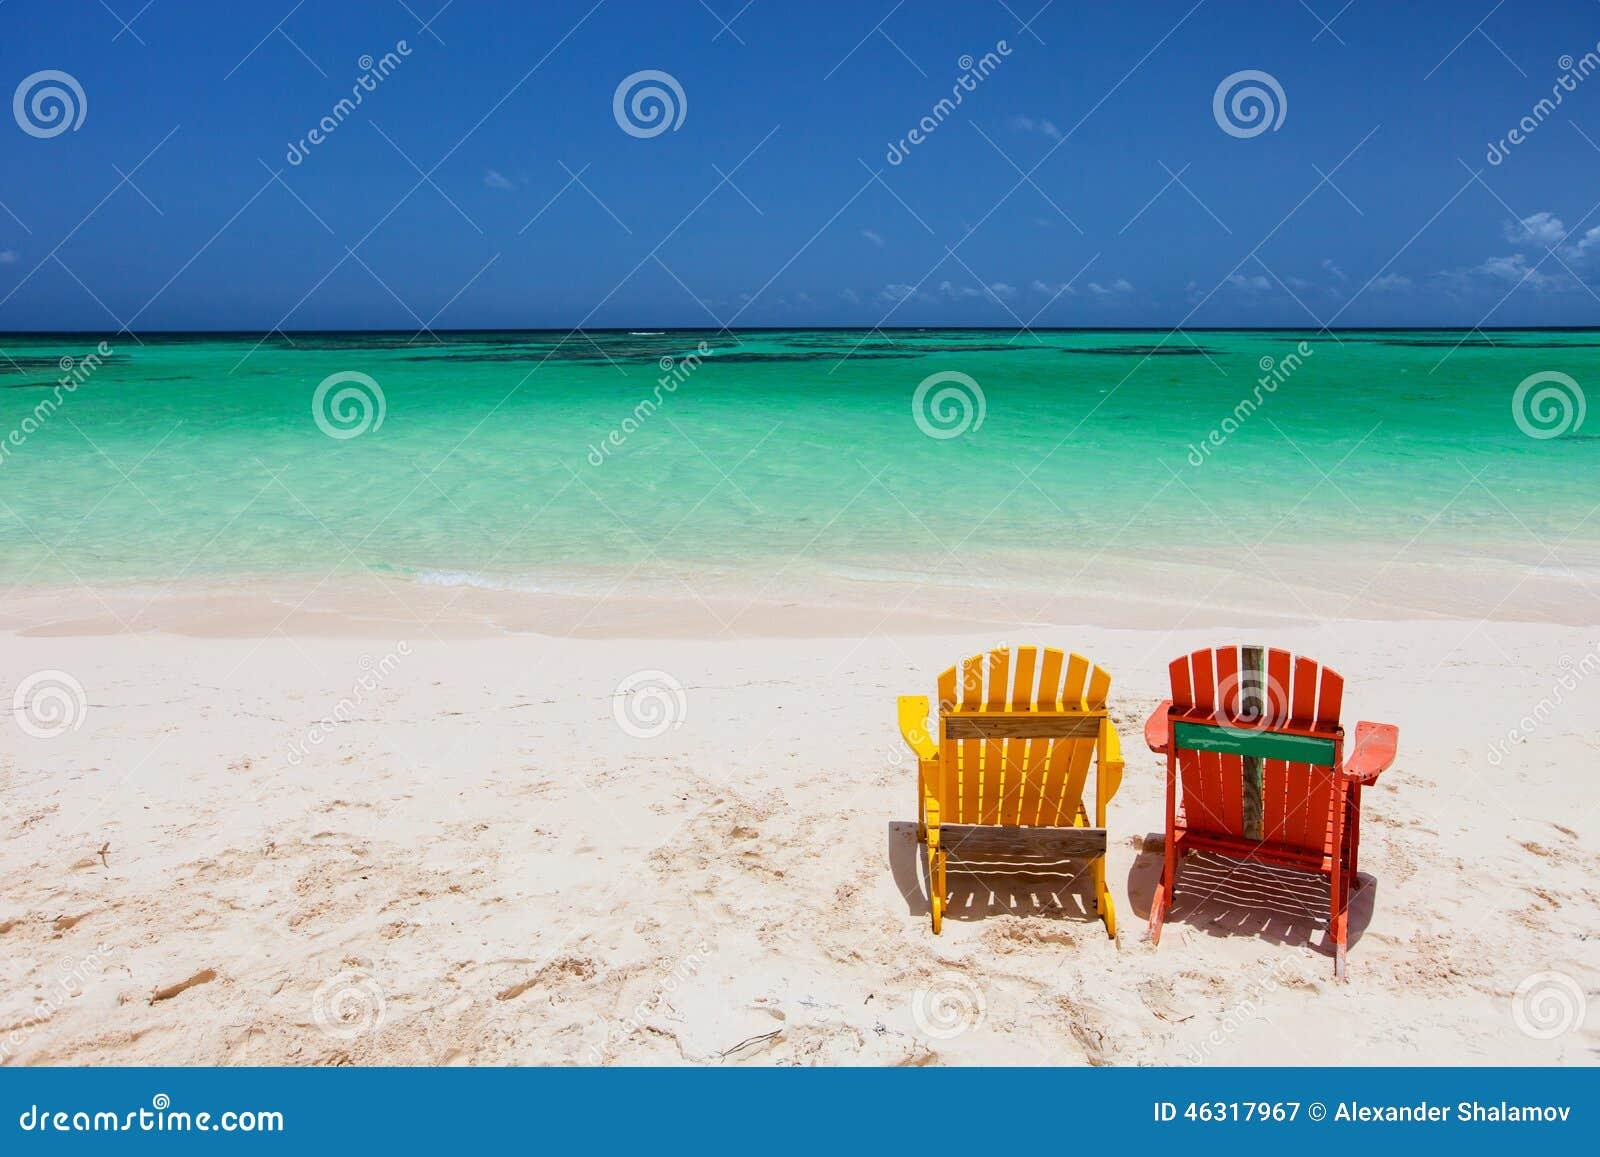 Sillones Coloridos.Sillones Coloridos Del Adirondack En La Playa Del Caribe